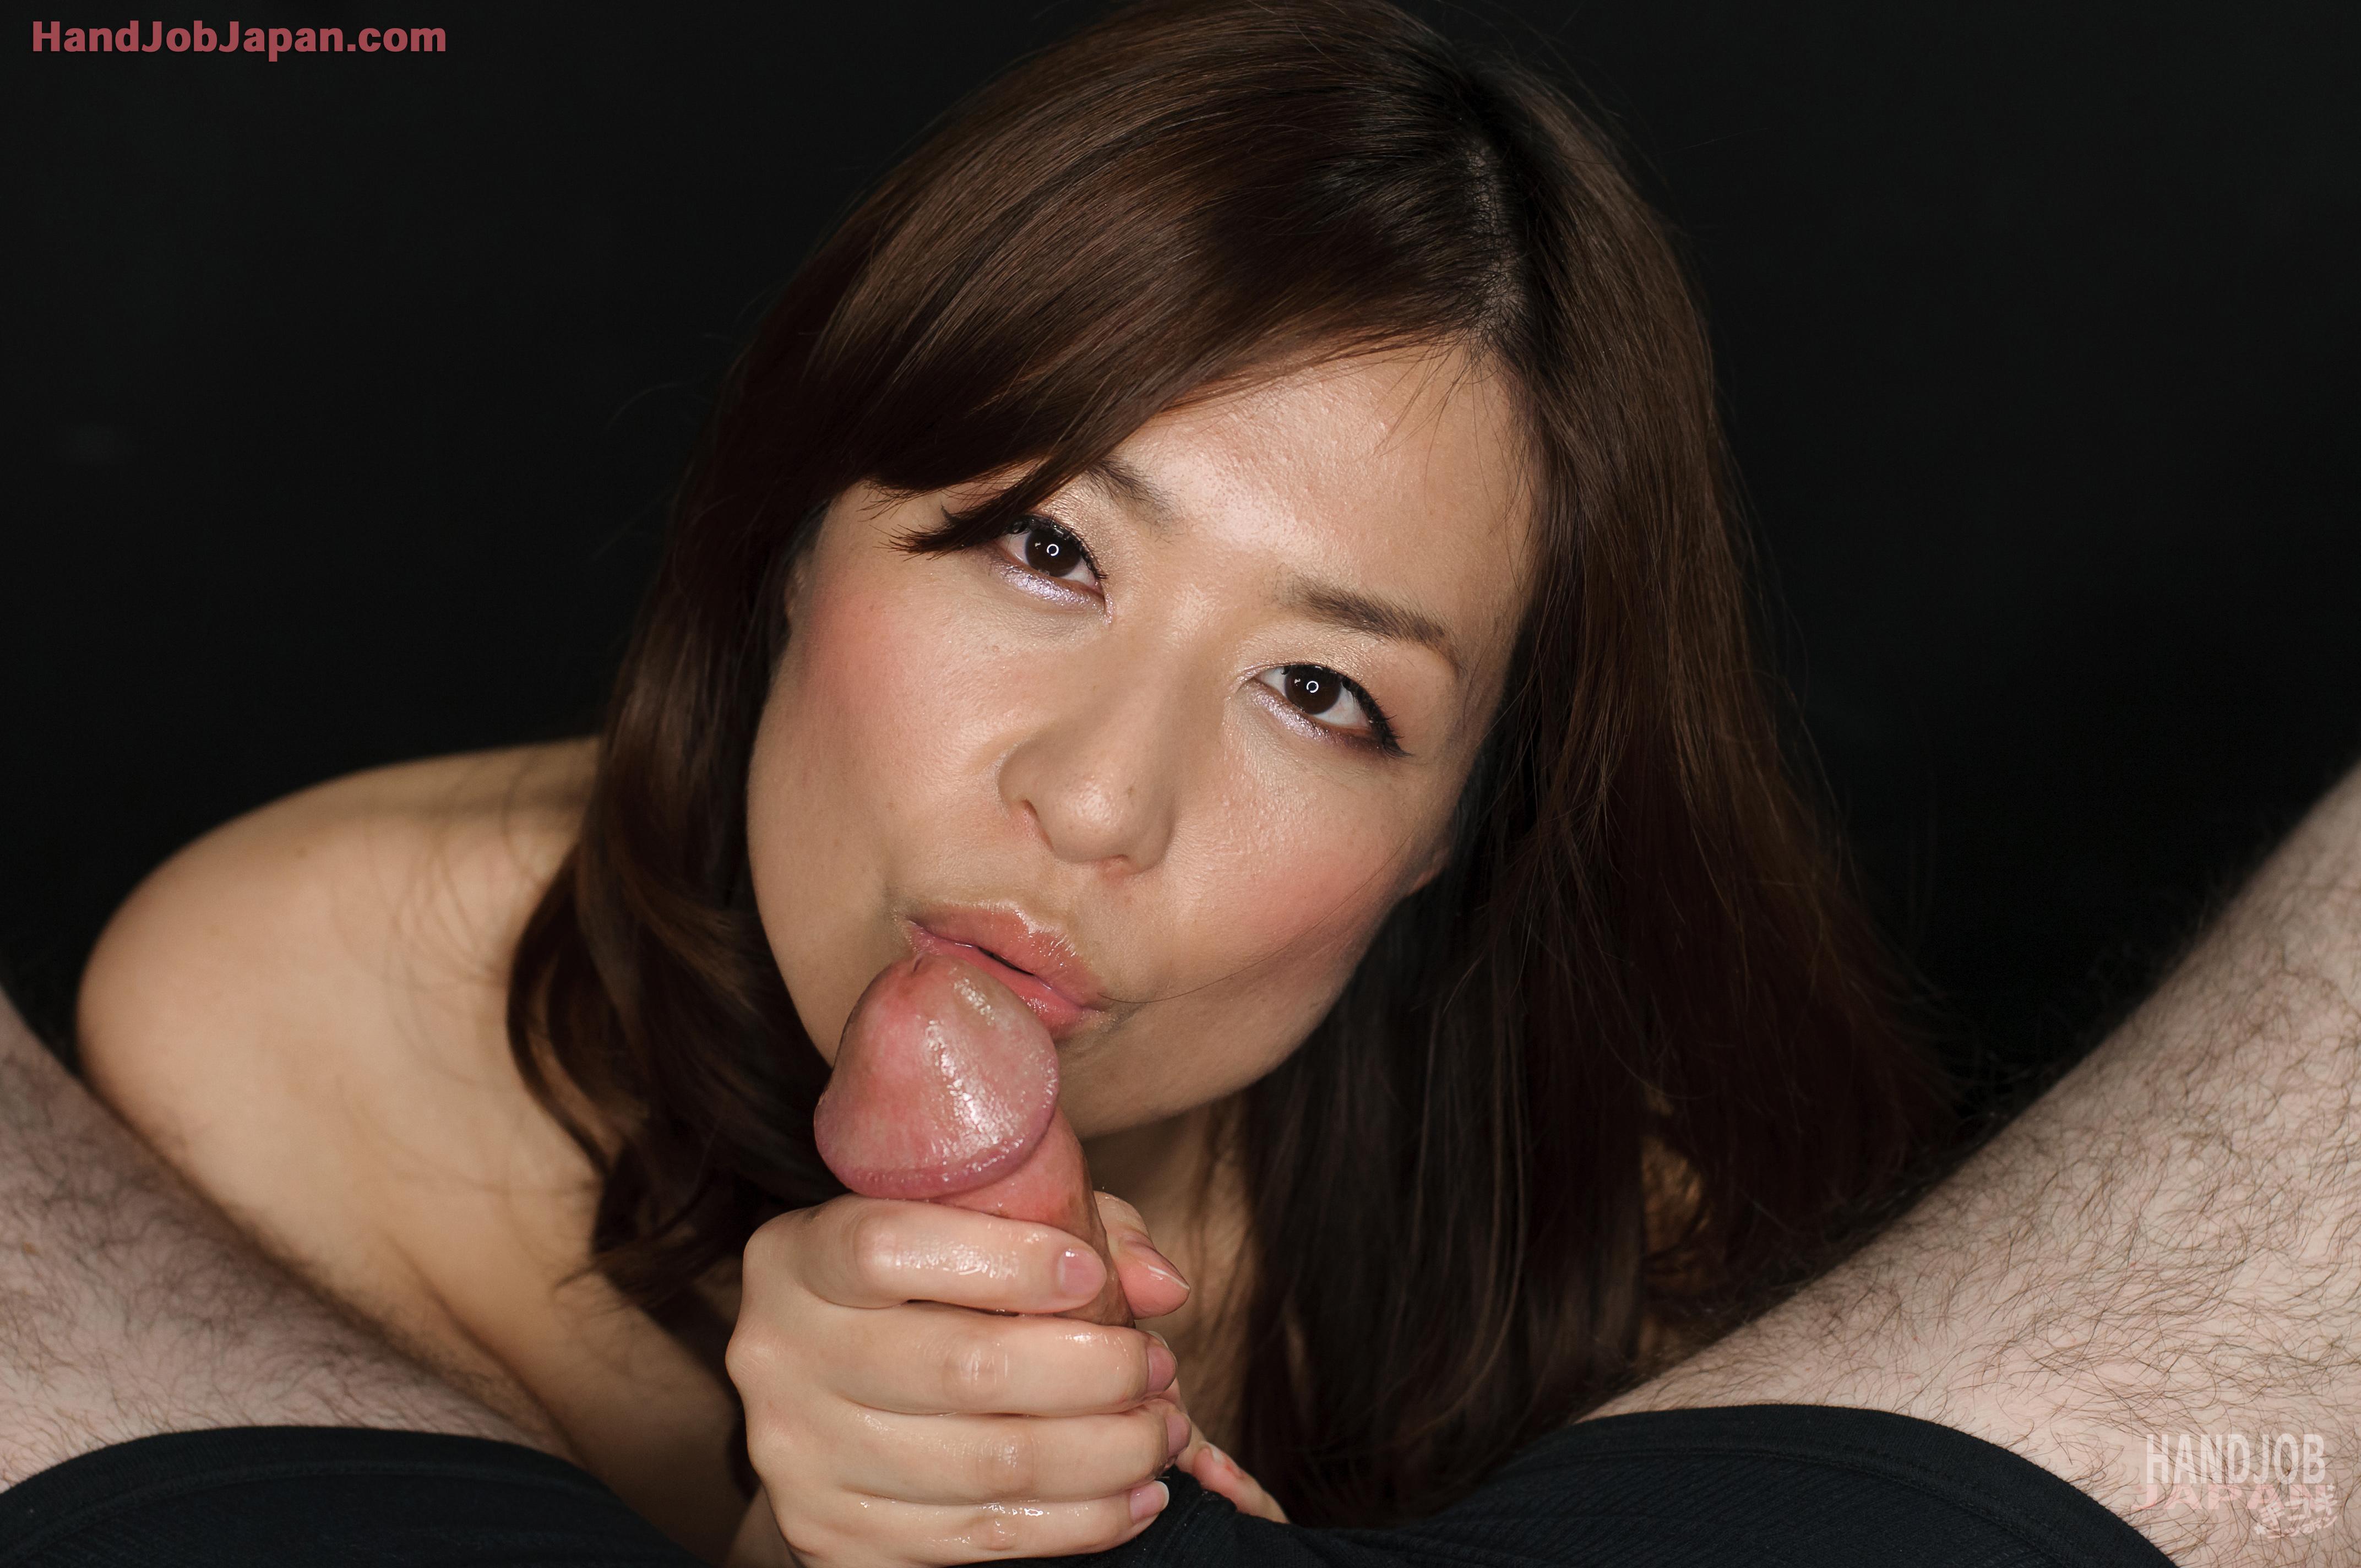 handjob japan 手コキ Saori Hirako Handjob ...